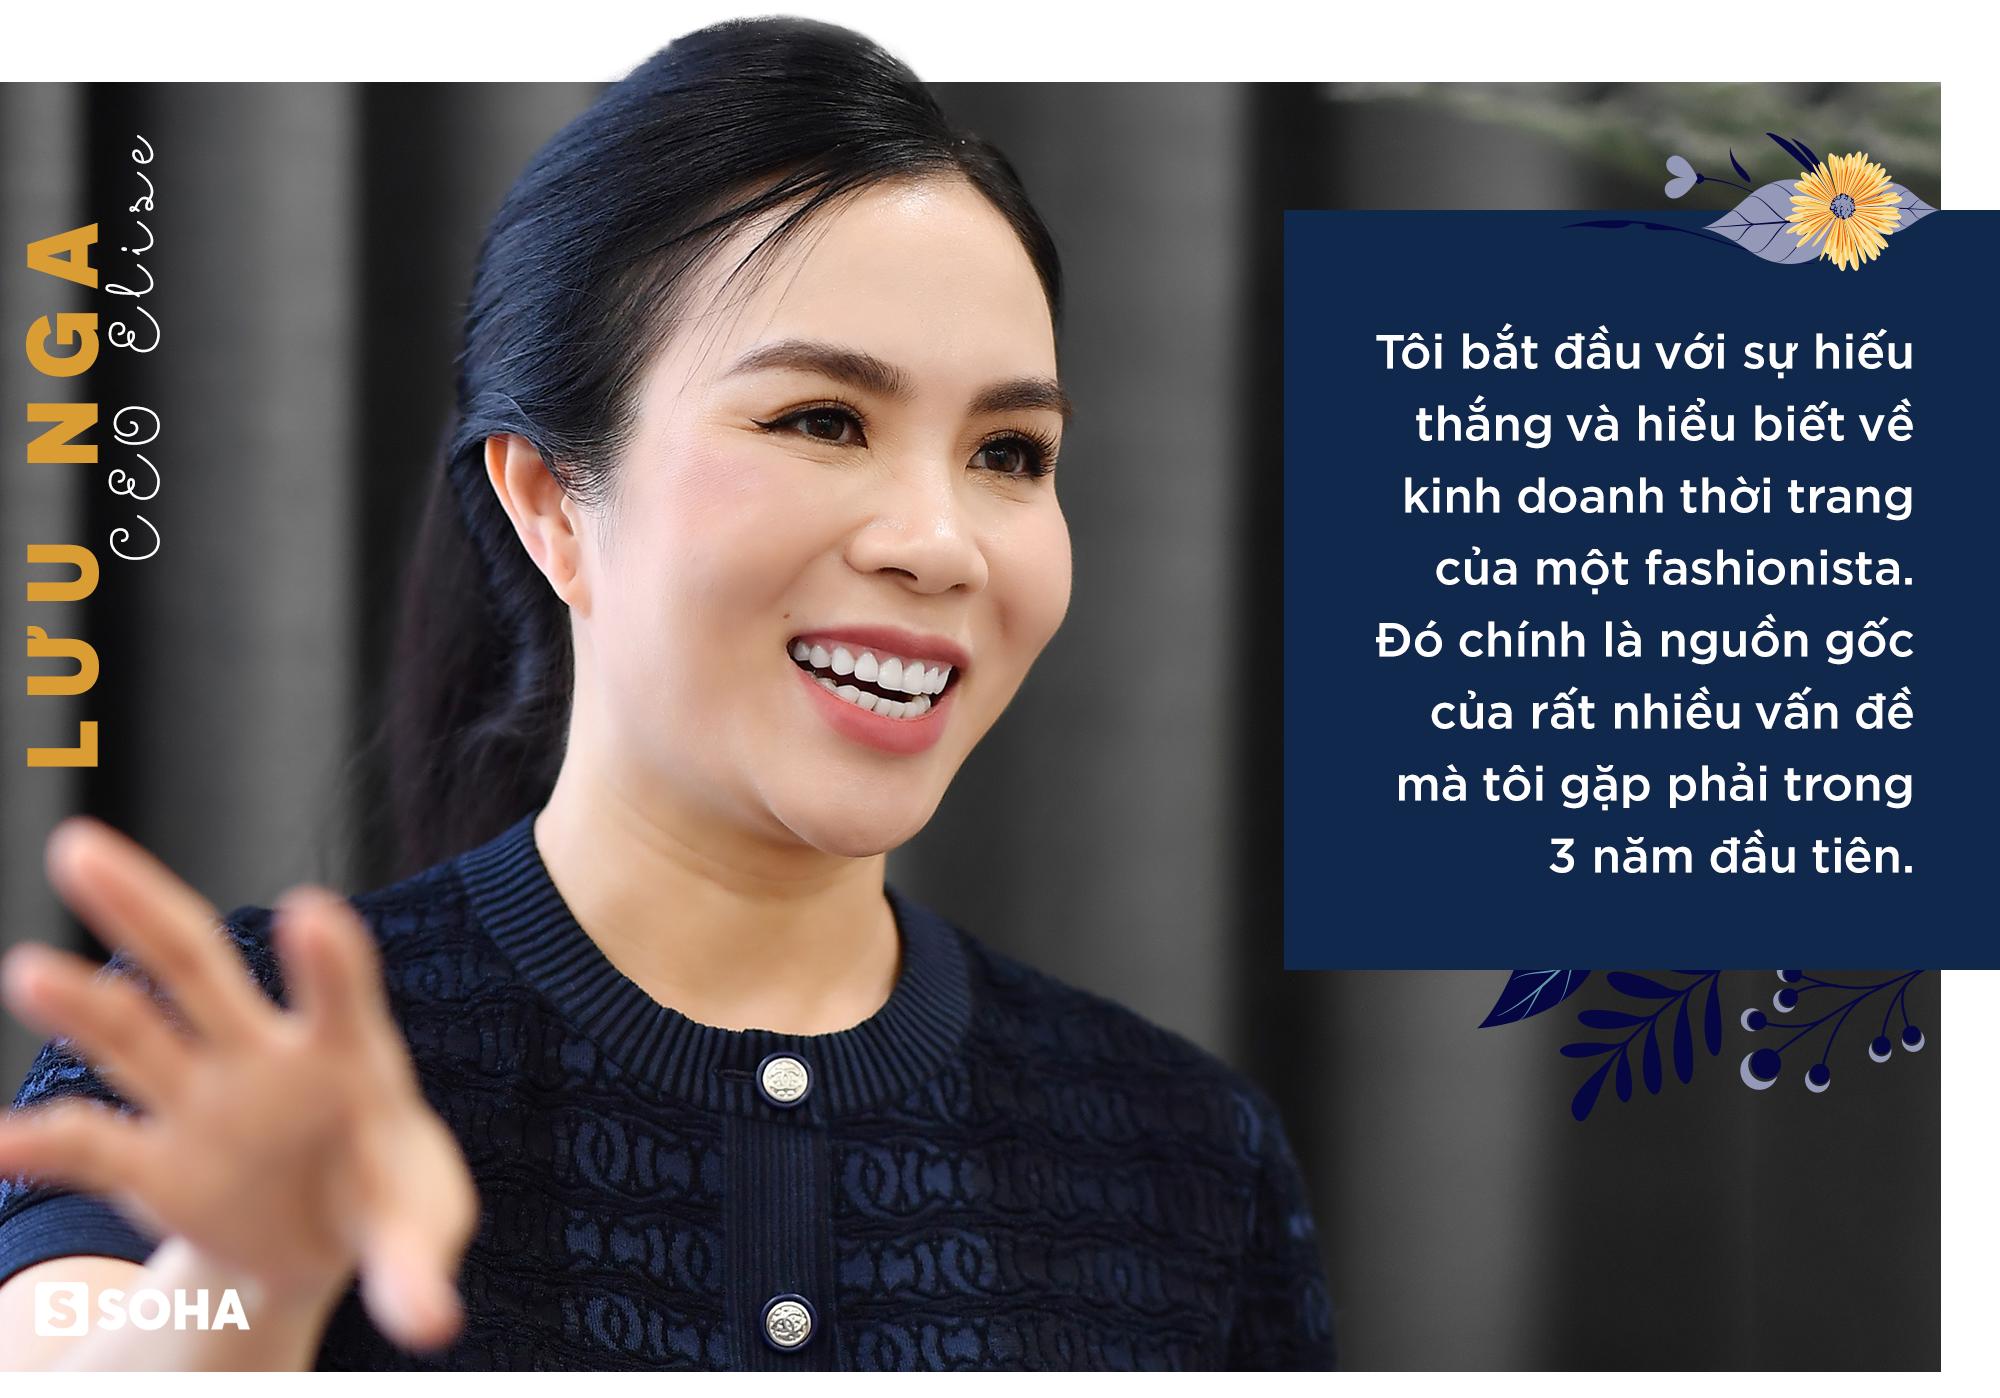 Founder Elise: Từ startup bùng lên với Ngô Thanh Vân, Tăng Thanh Hà đến giấc mơ tỷ đô khi sánh bước cùng người khổng lồ thế giới - Ảnh 5.